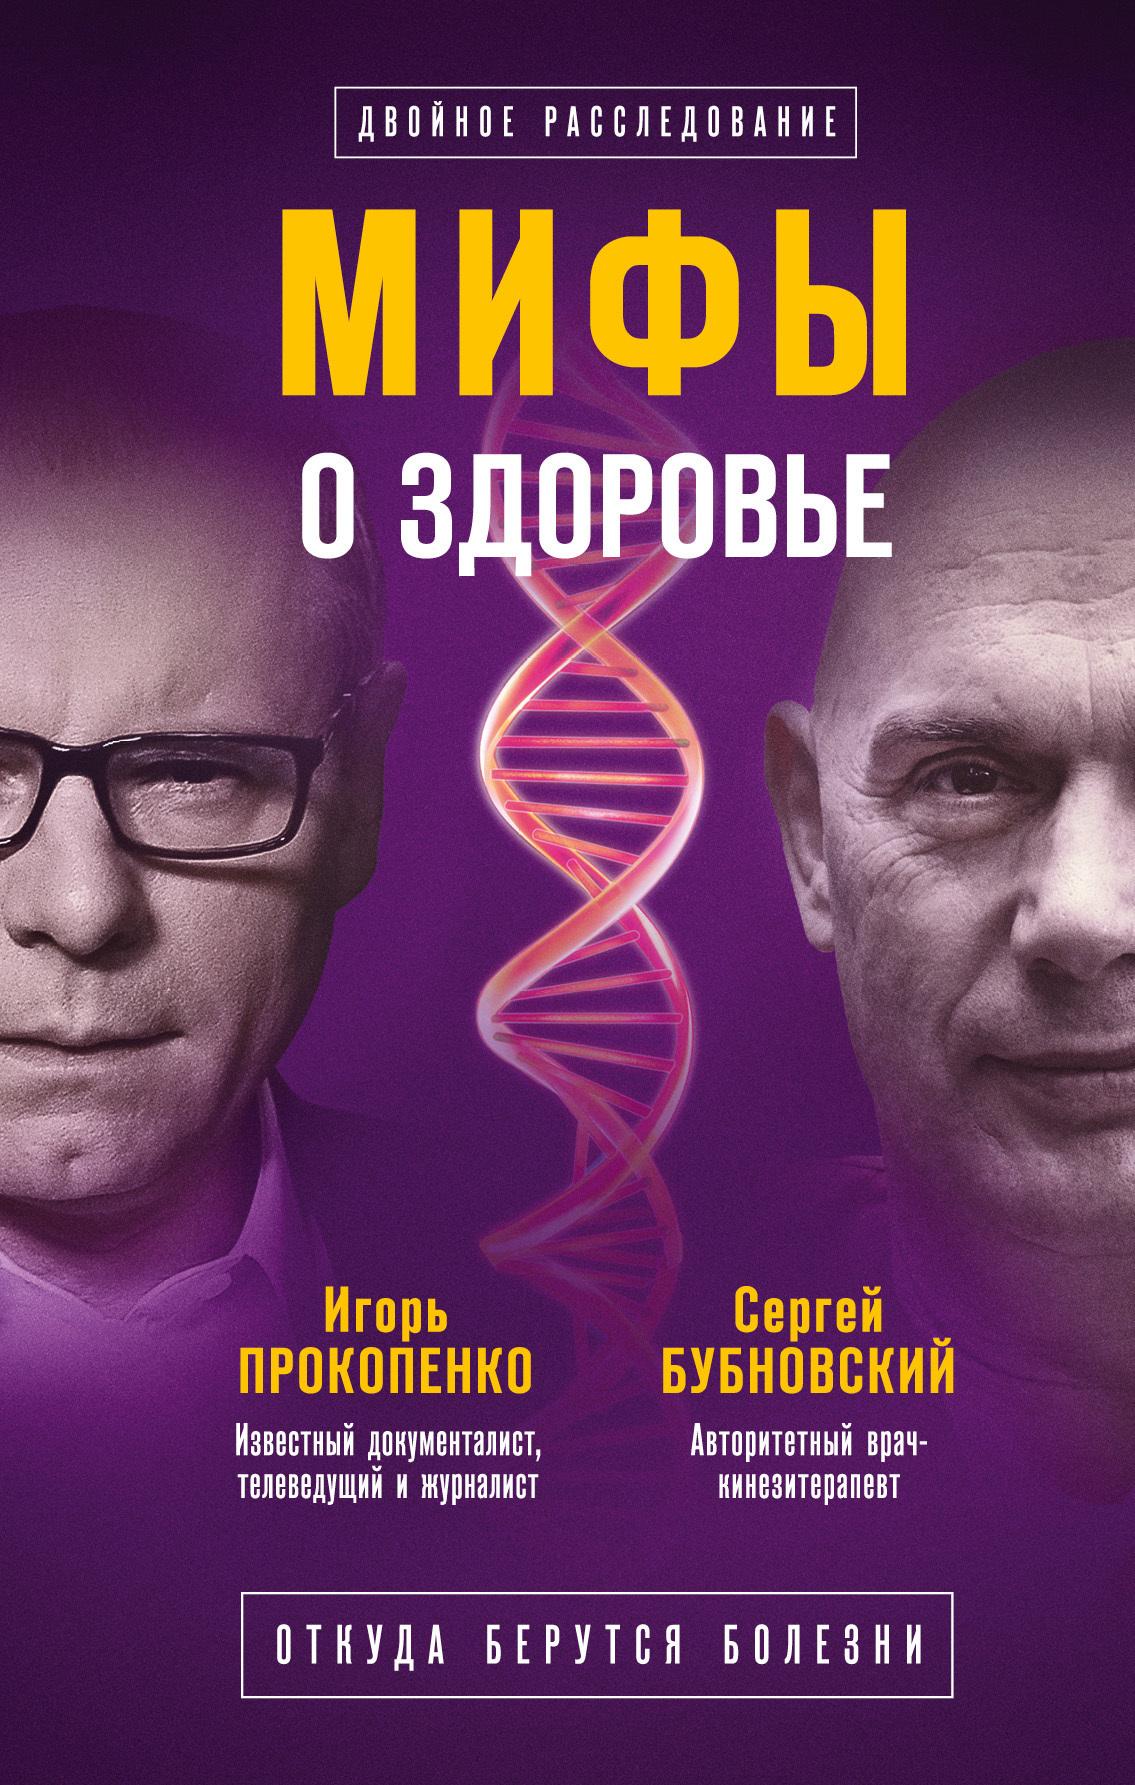 Книга Мифы о здоровье. Откуда берутся болезни